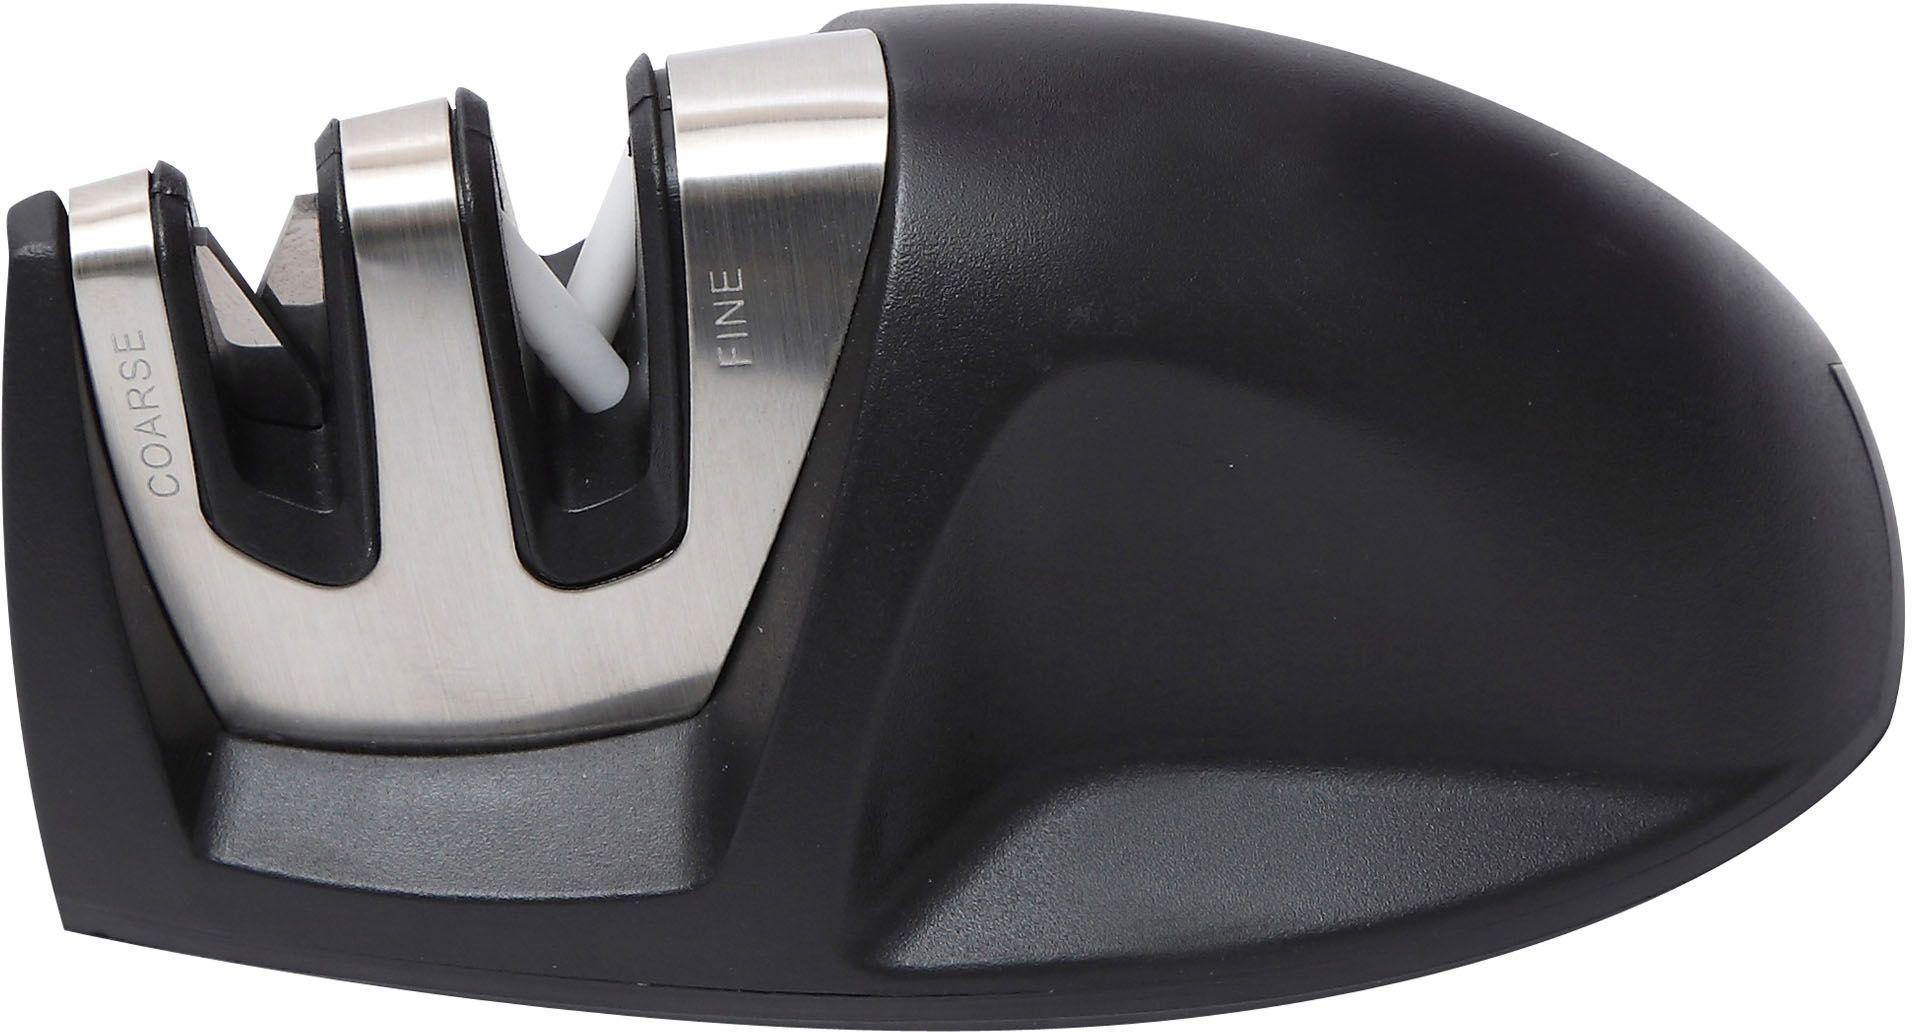 Ножеточка Bergner 3955 BG, настольная3955 BGНастольная точилка для ножей Bergner BG-3955 всегда придет на выручку, если кухонные инструменты сильно затупятся. Точилка снабжена двумя отсеками: металлическая пластина – для грубой обработки, а белые керамические стержни – для тонкой доводки. Корпус из нержавеющей стали гарантируют отличную износоустойчивость. Прорезиненная нескользящая основа обеспечит хорошую фиксацию на столе. Эта компактная точилка отлично подходит для обработки всех типов ножей, кроме специфичных моделей с зубчатым лезвием.